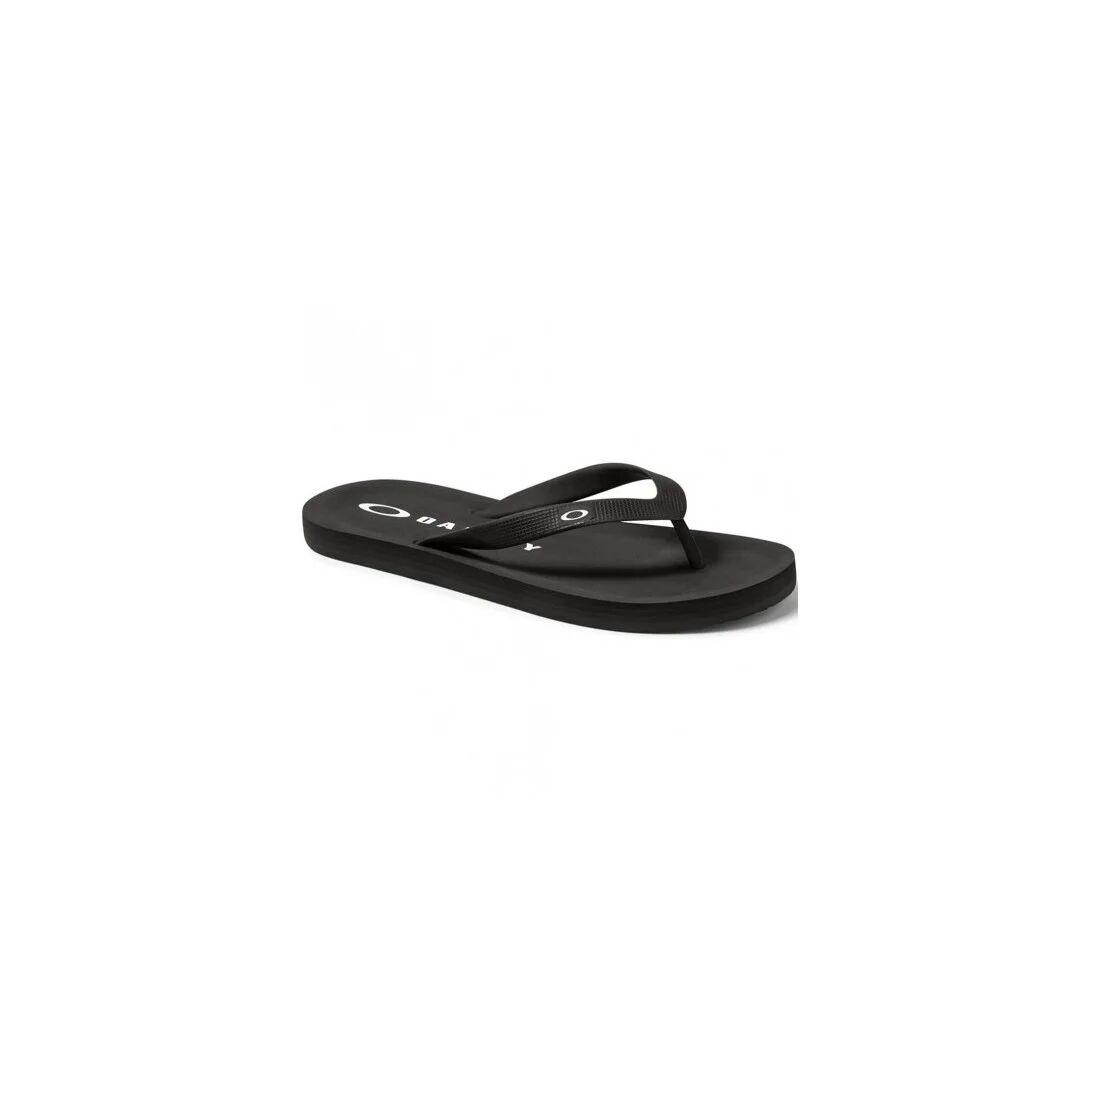 OAKLEY Tongs Oakley Frogskin flip flop noir